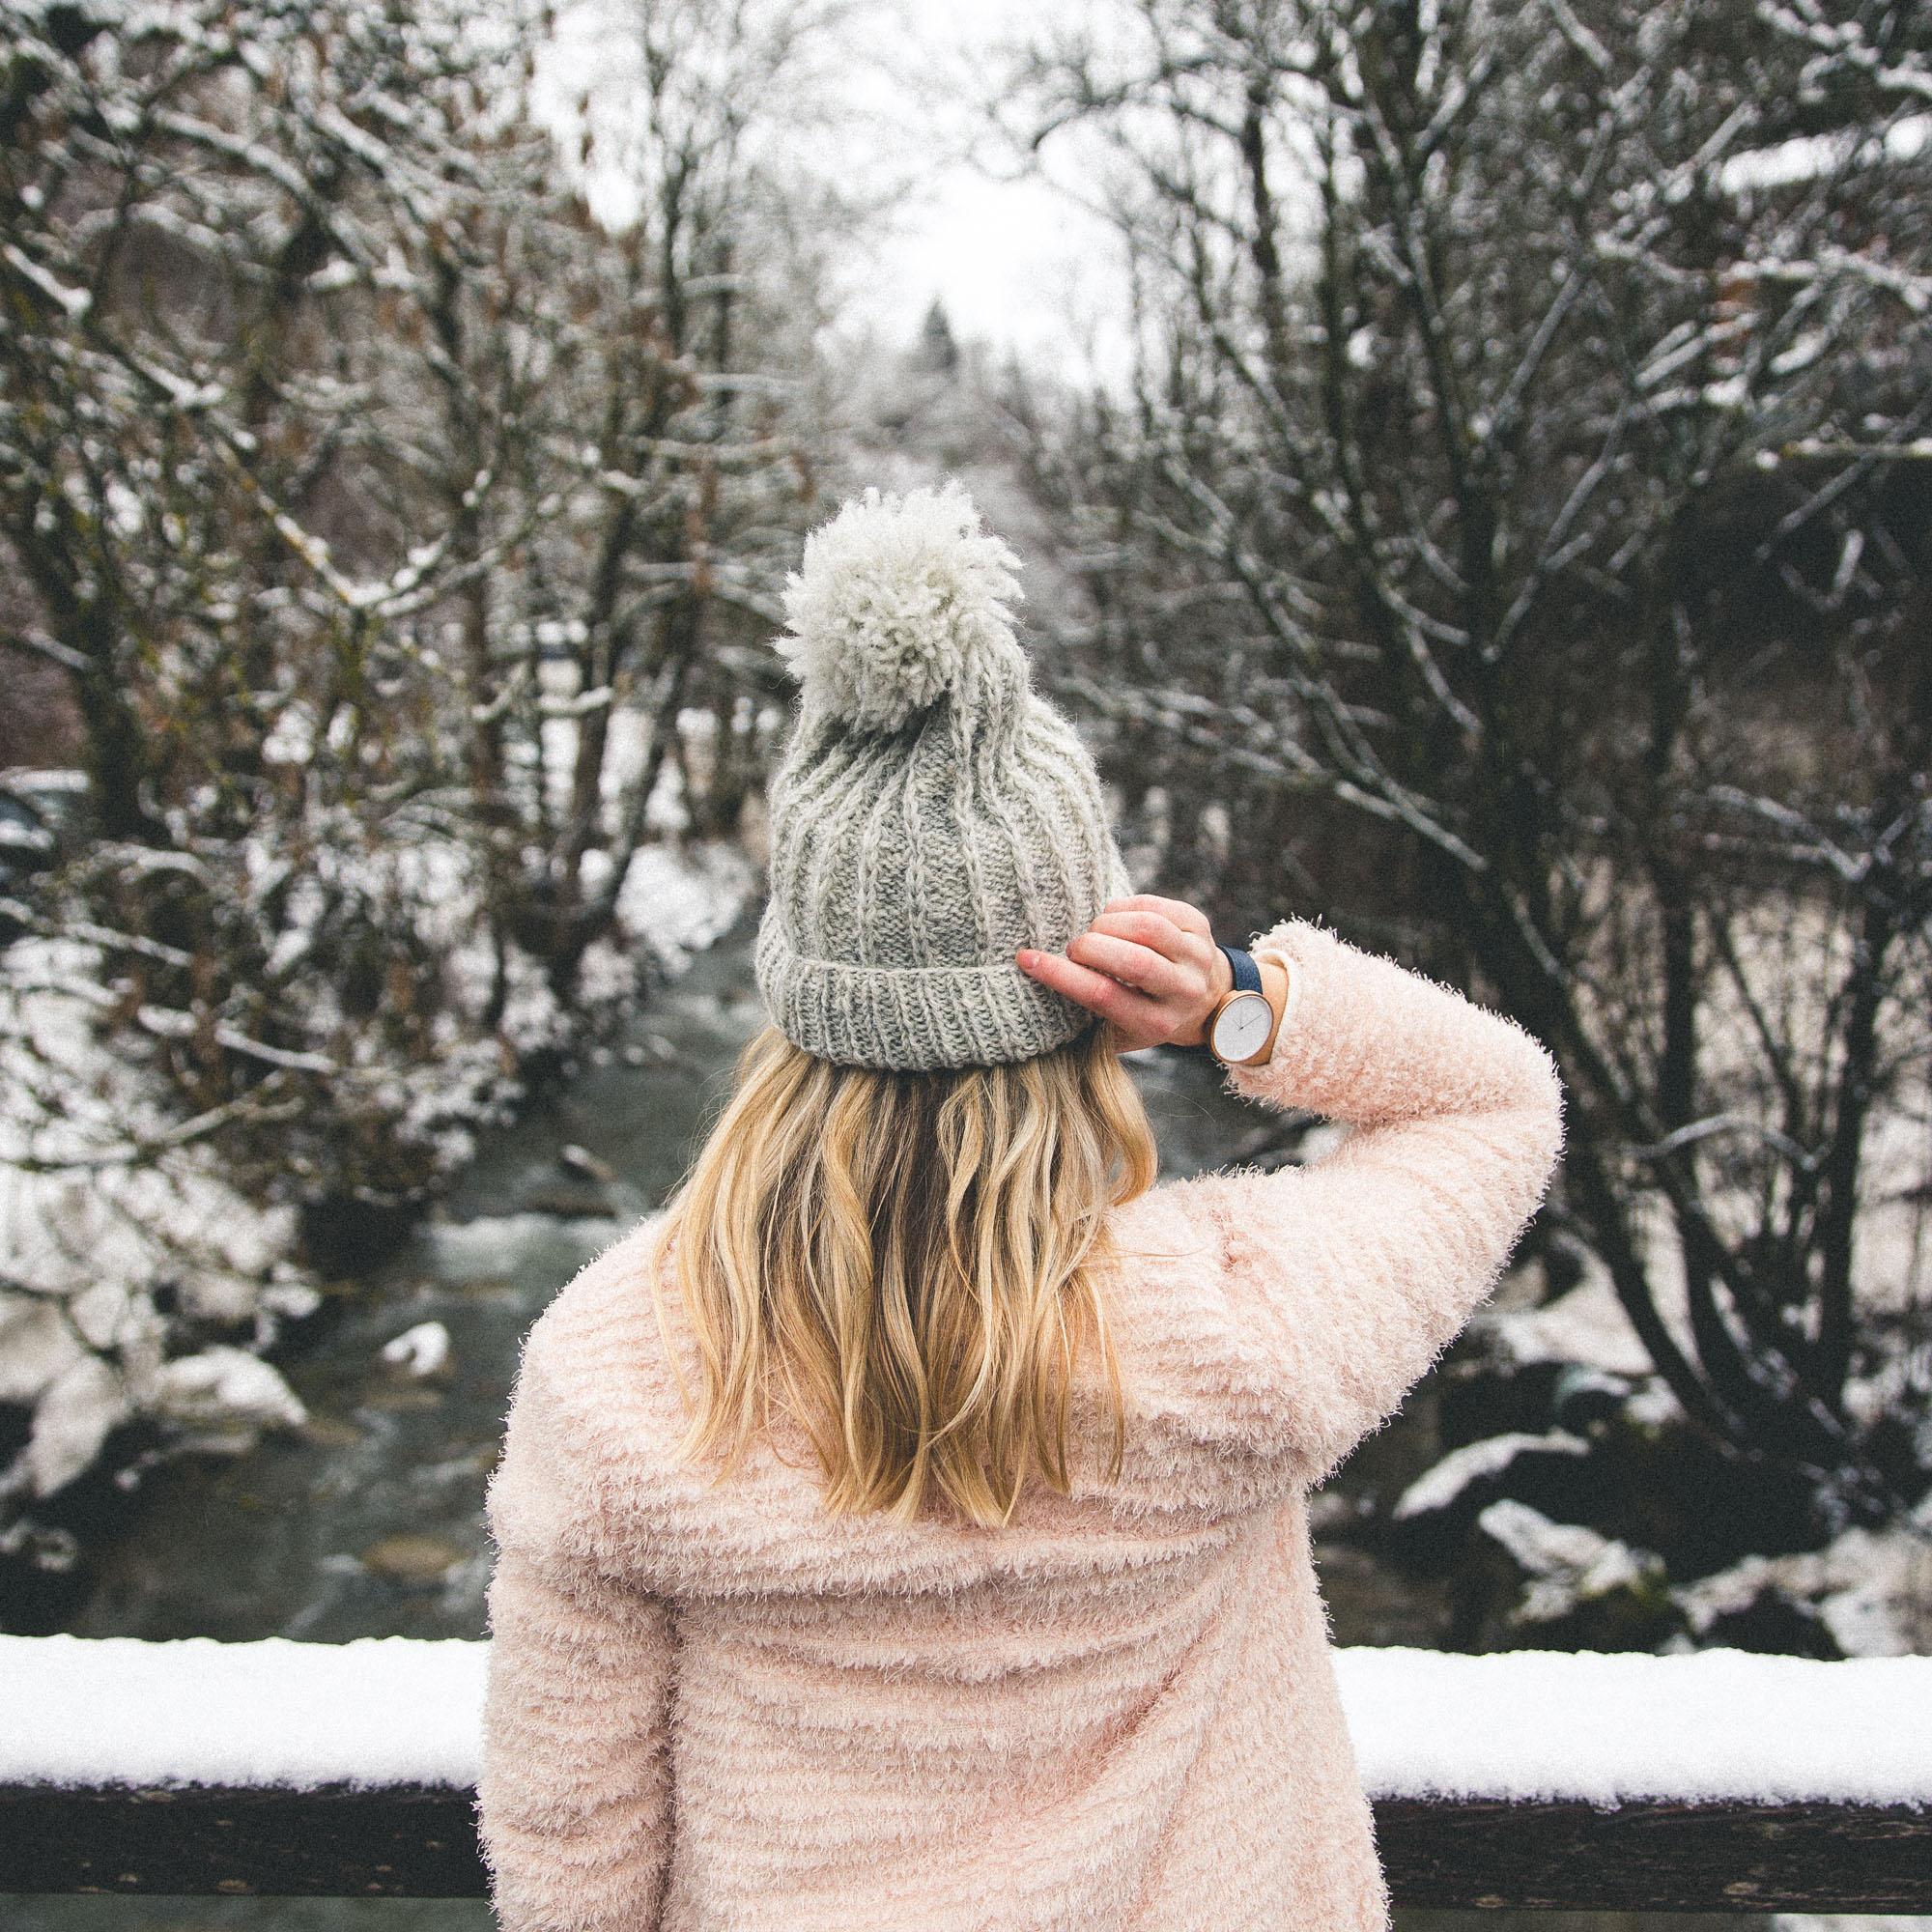 Gstaad, Switzerland Is A Snowy Winter Wonderland